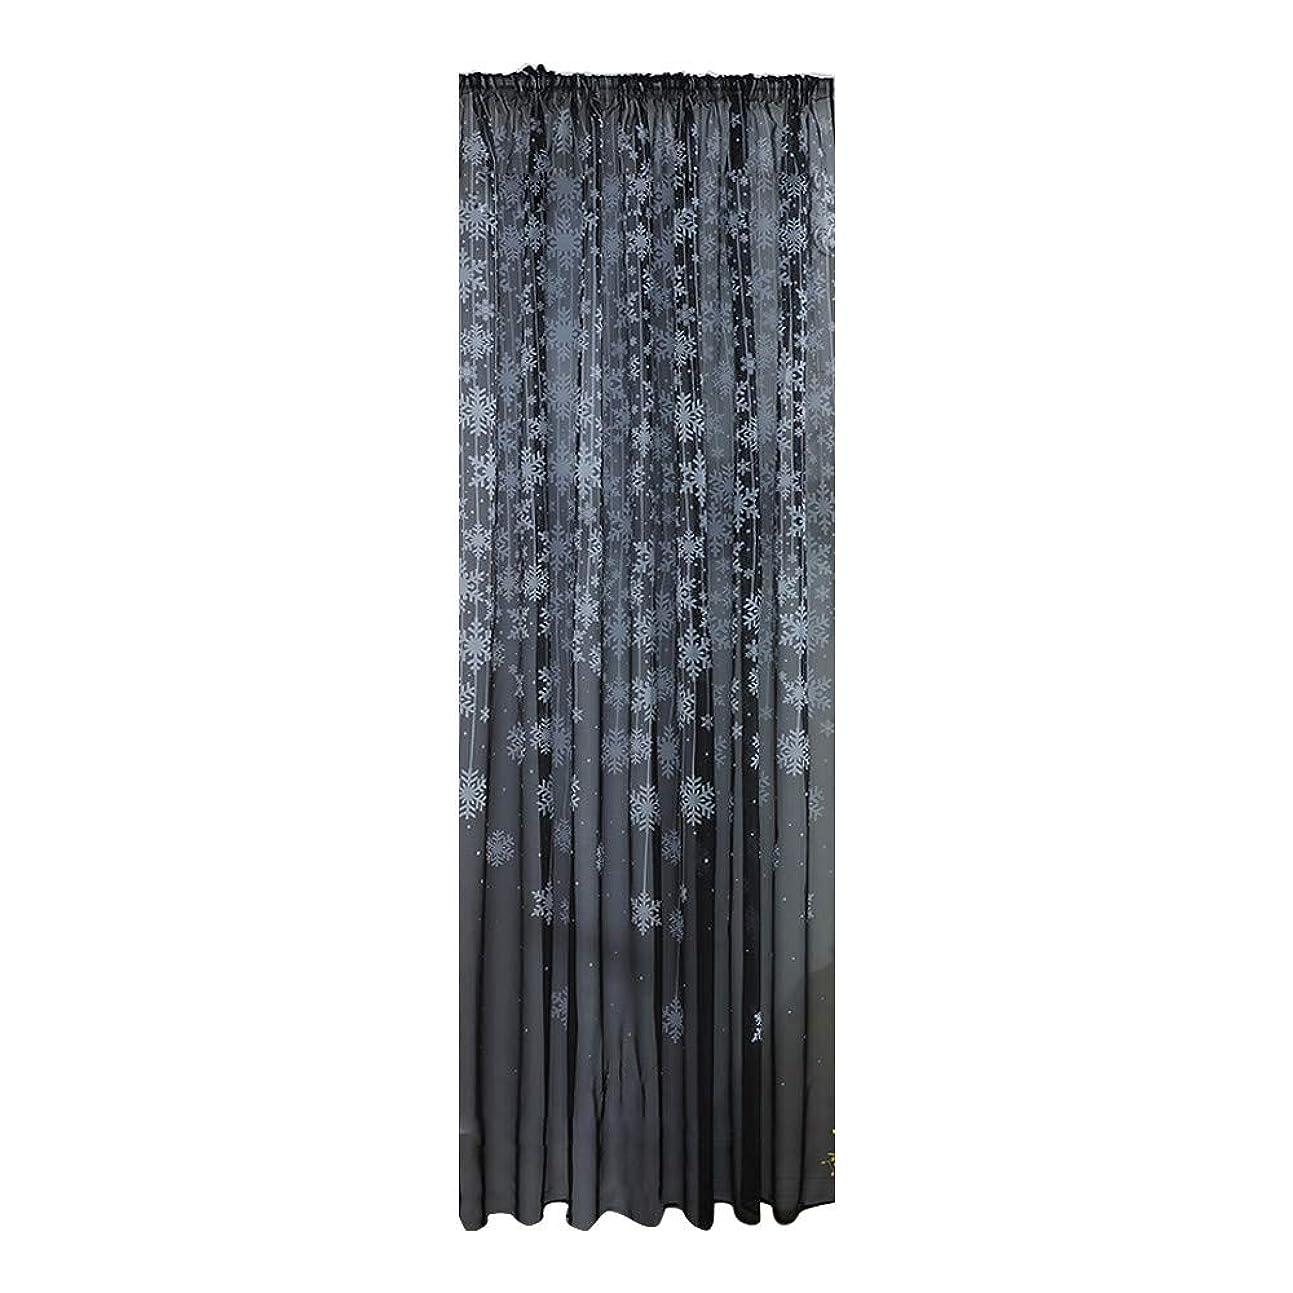 軽蔑対立土砂降りFarantasyカーテン1PCS クリスマススノーフレークカーテンチュールウィンドウトリートメントボイルドレープバランスウェアカーテン